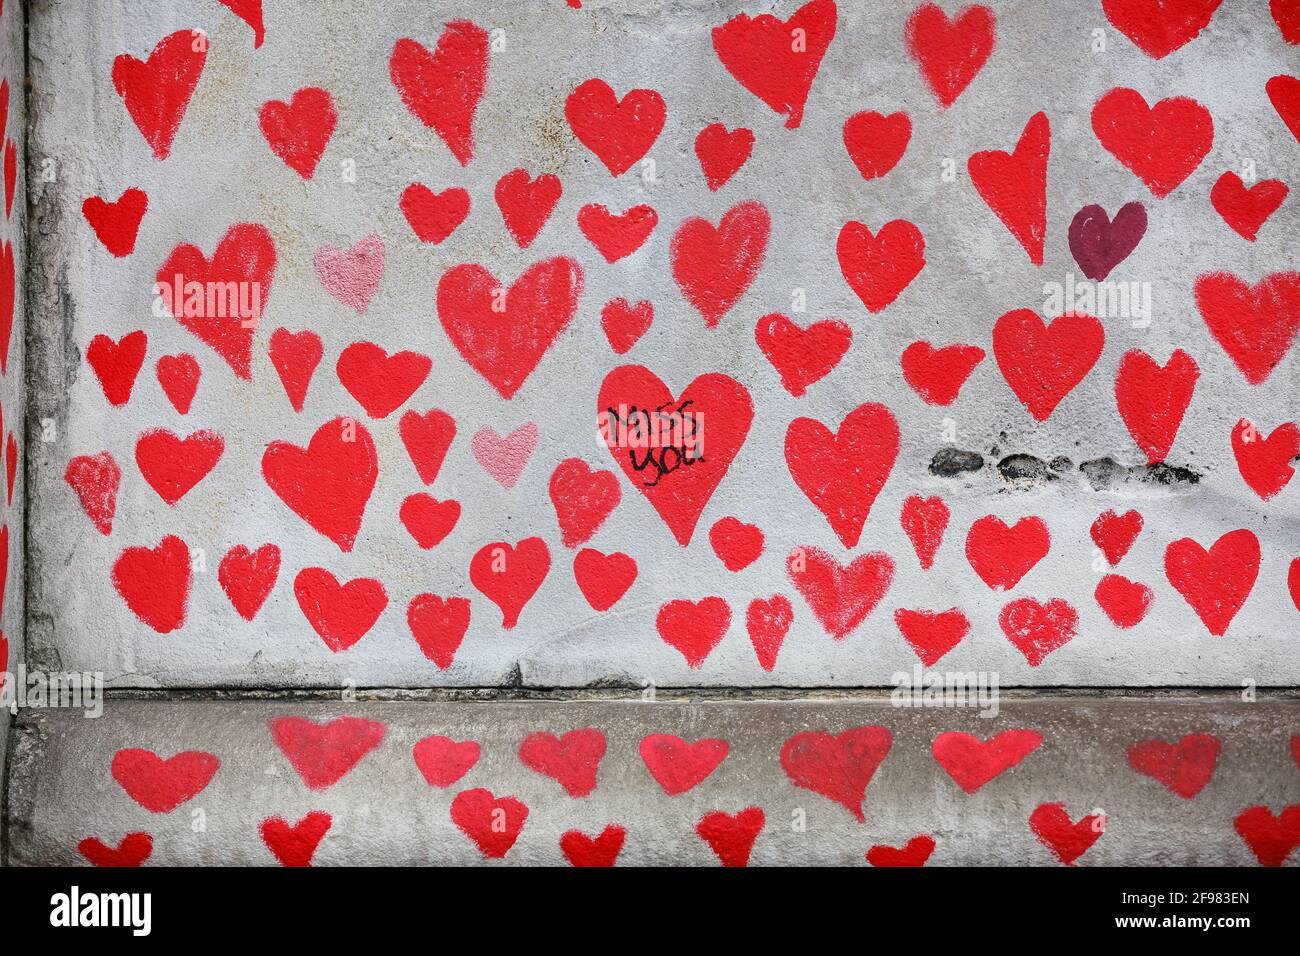 London, Großbritannien. 13. April 2021. National COVID Memorial Wall - handgezeichnete rote Herzen auf einer Mauer gegenüber dem Parlament. Quelle: Waldemar Sikora Stockfoto